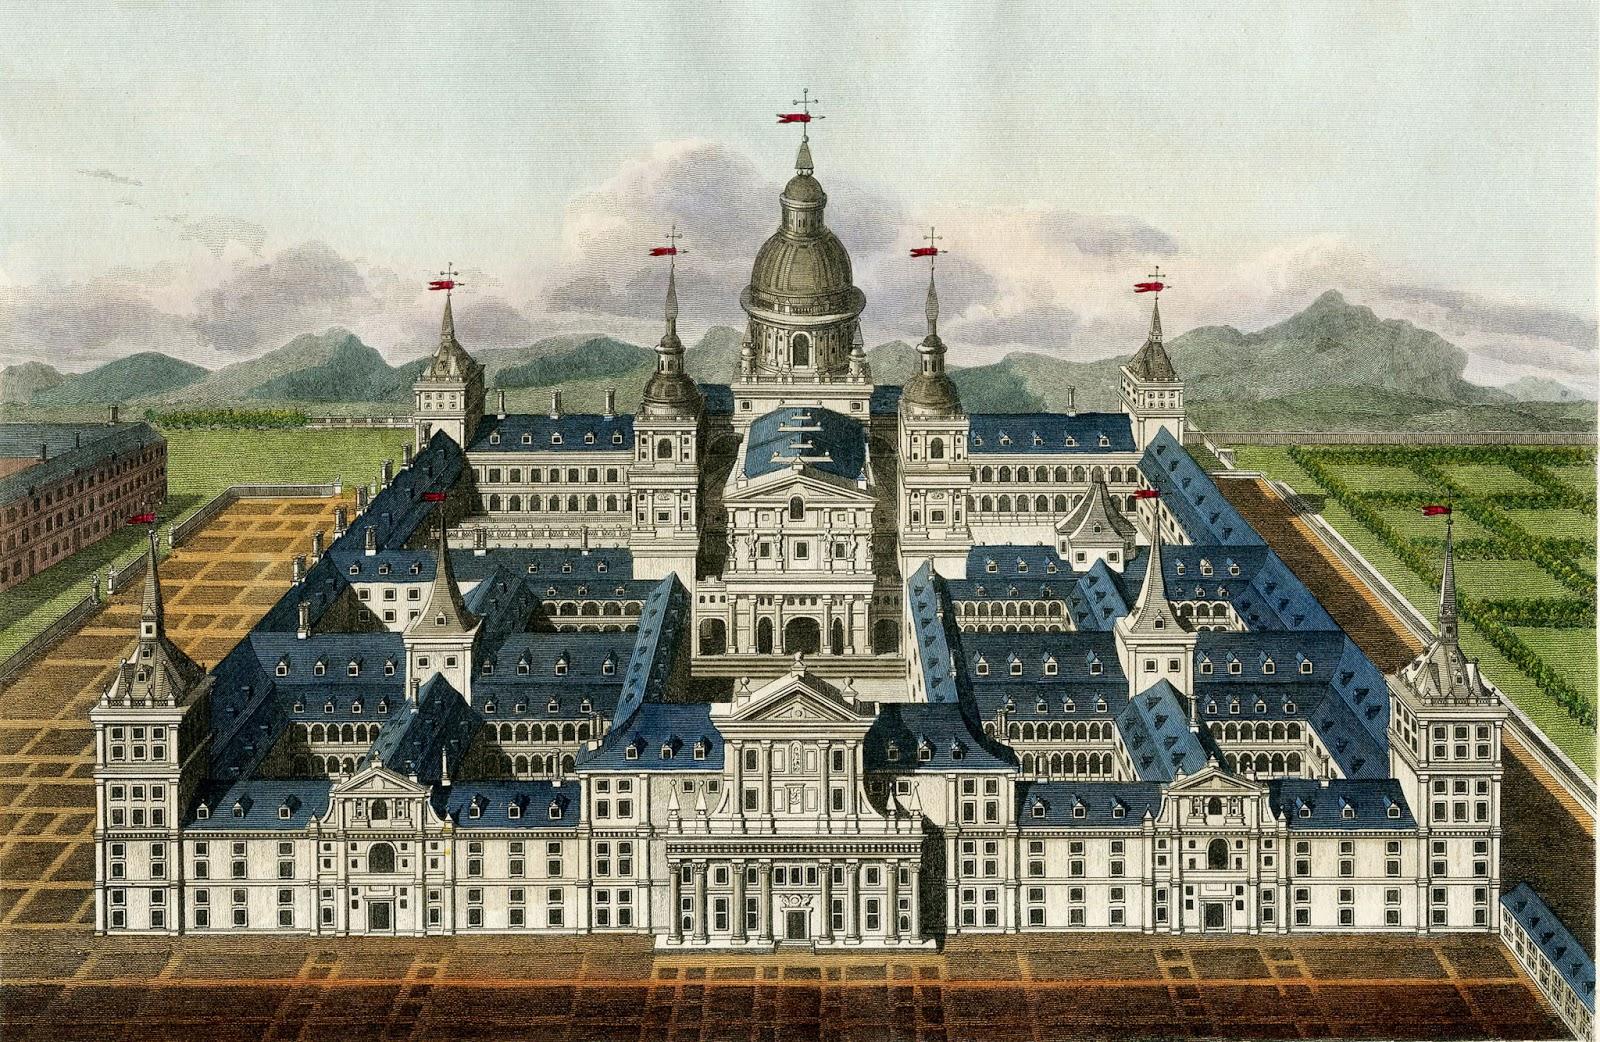 Palace clipart old palace. Vintage image amazing spanish